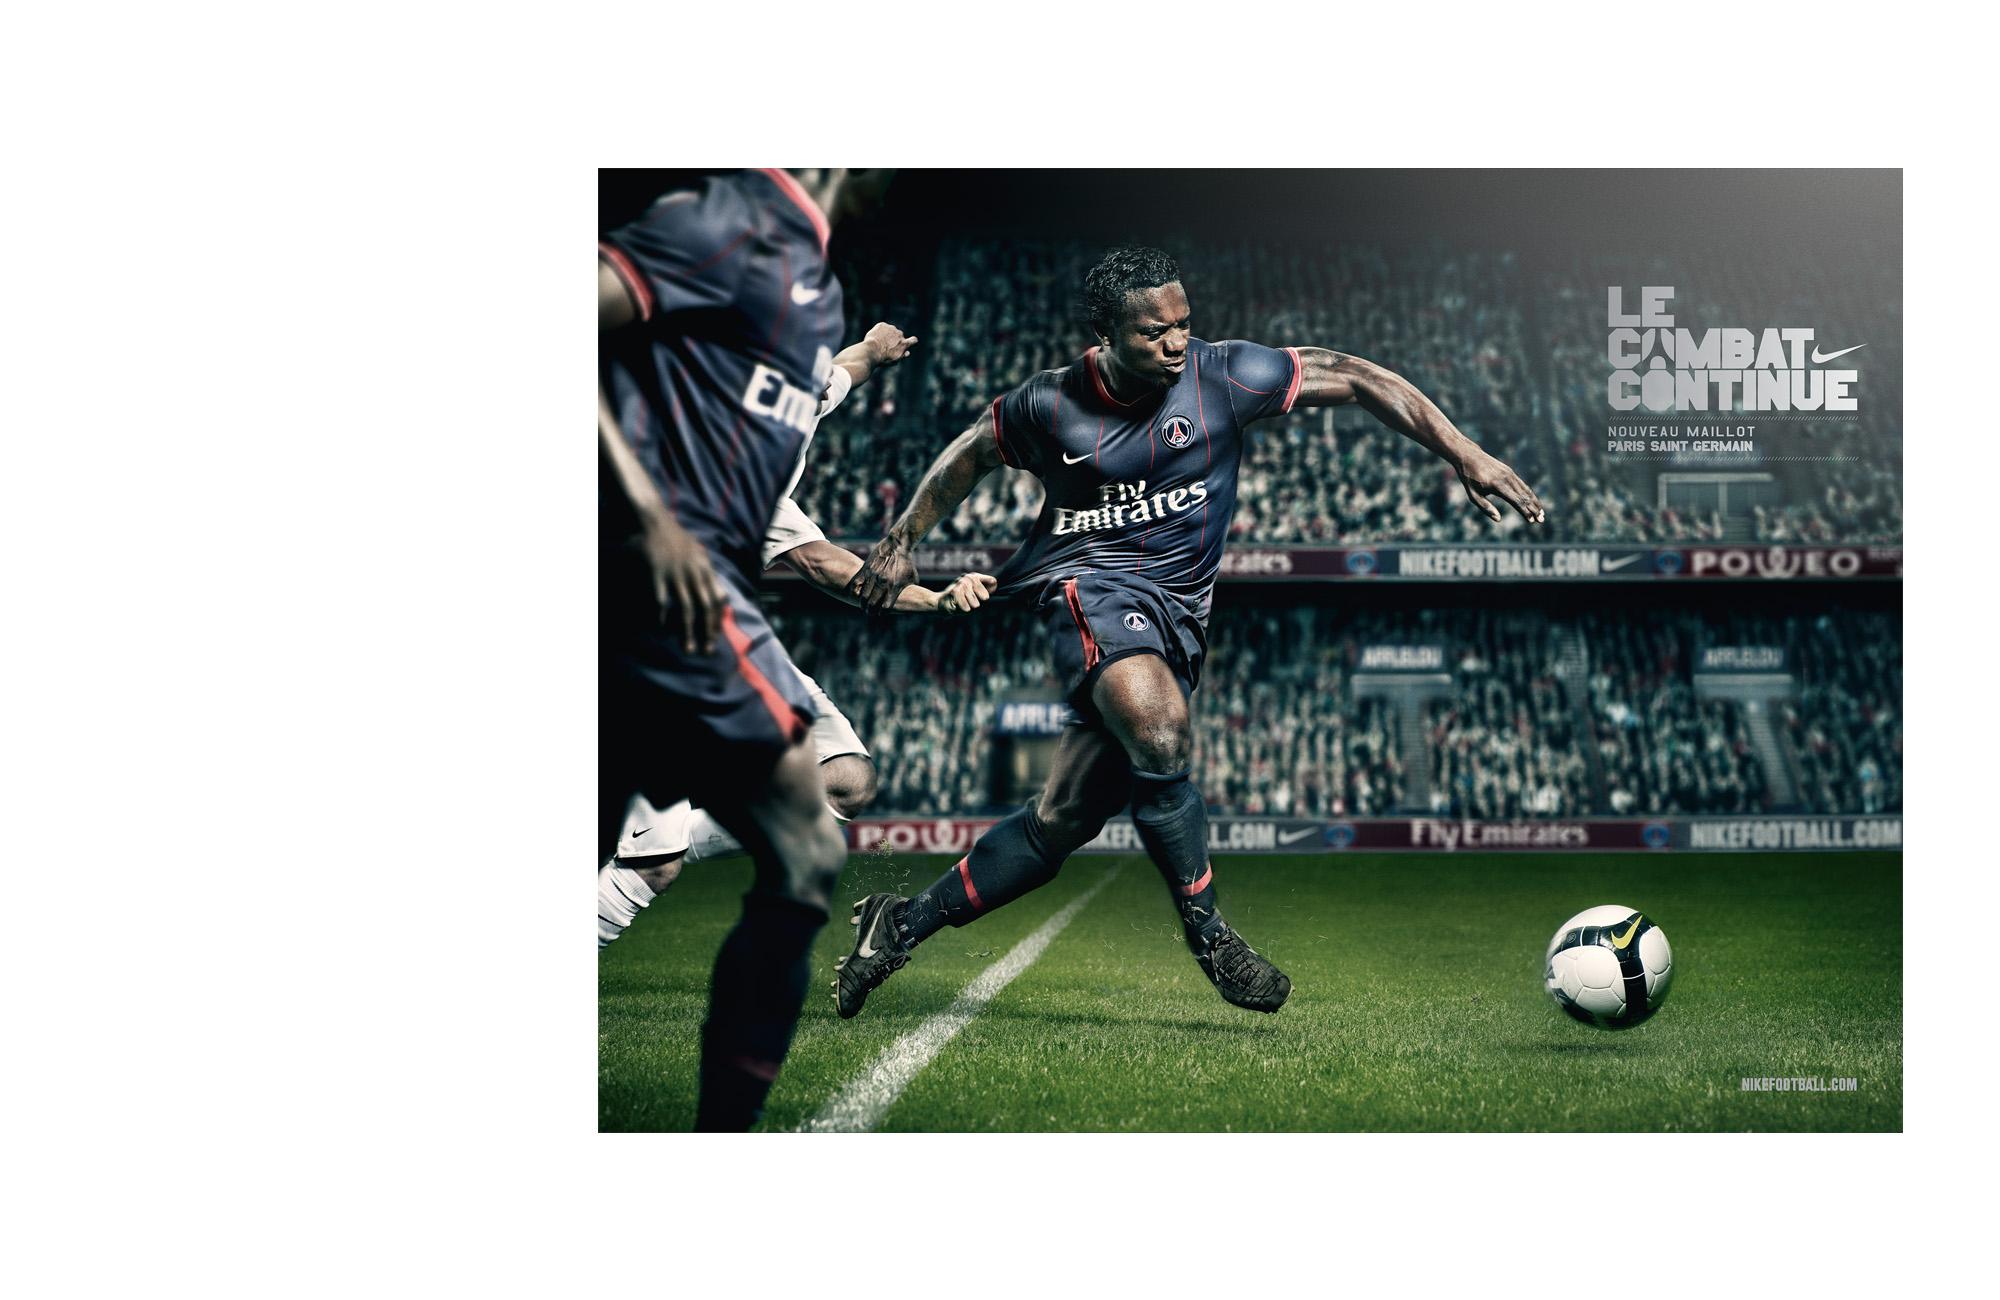 Nike PSG - 2 of 2